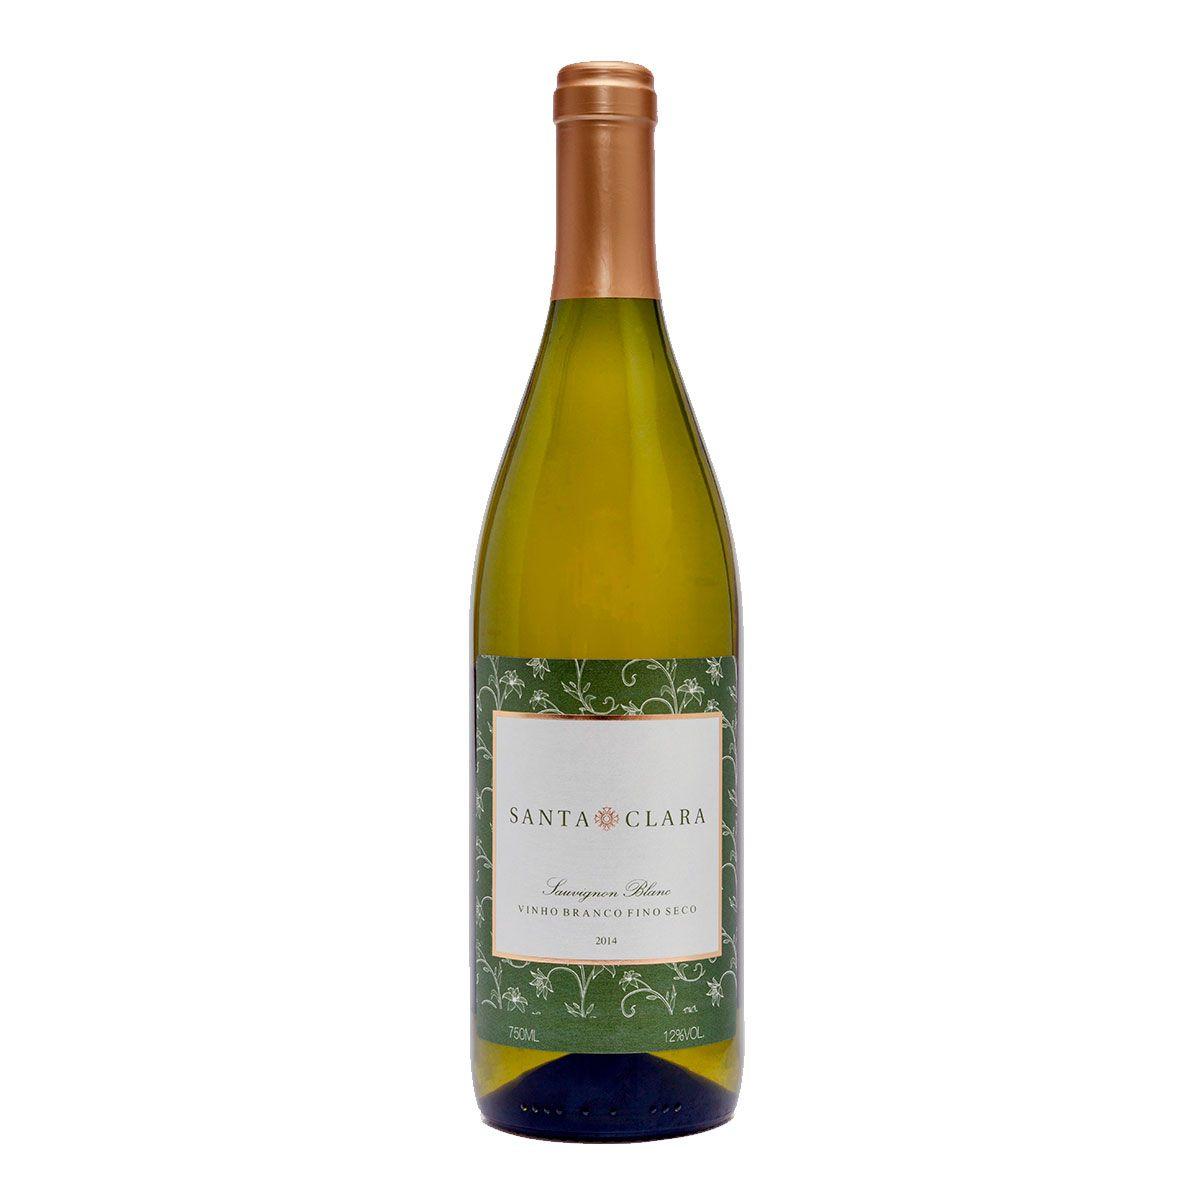 Vinho Fino Branco Seco Santa Clara Sauvignon Blanc 2014 750ml